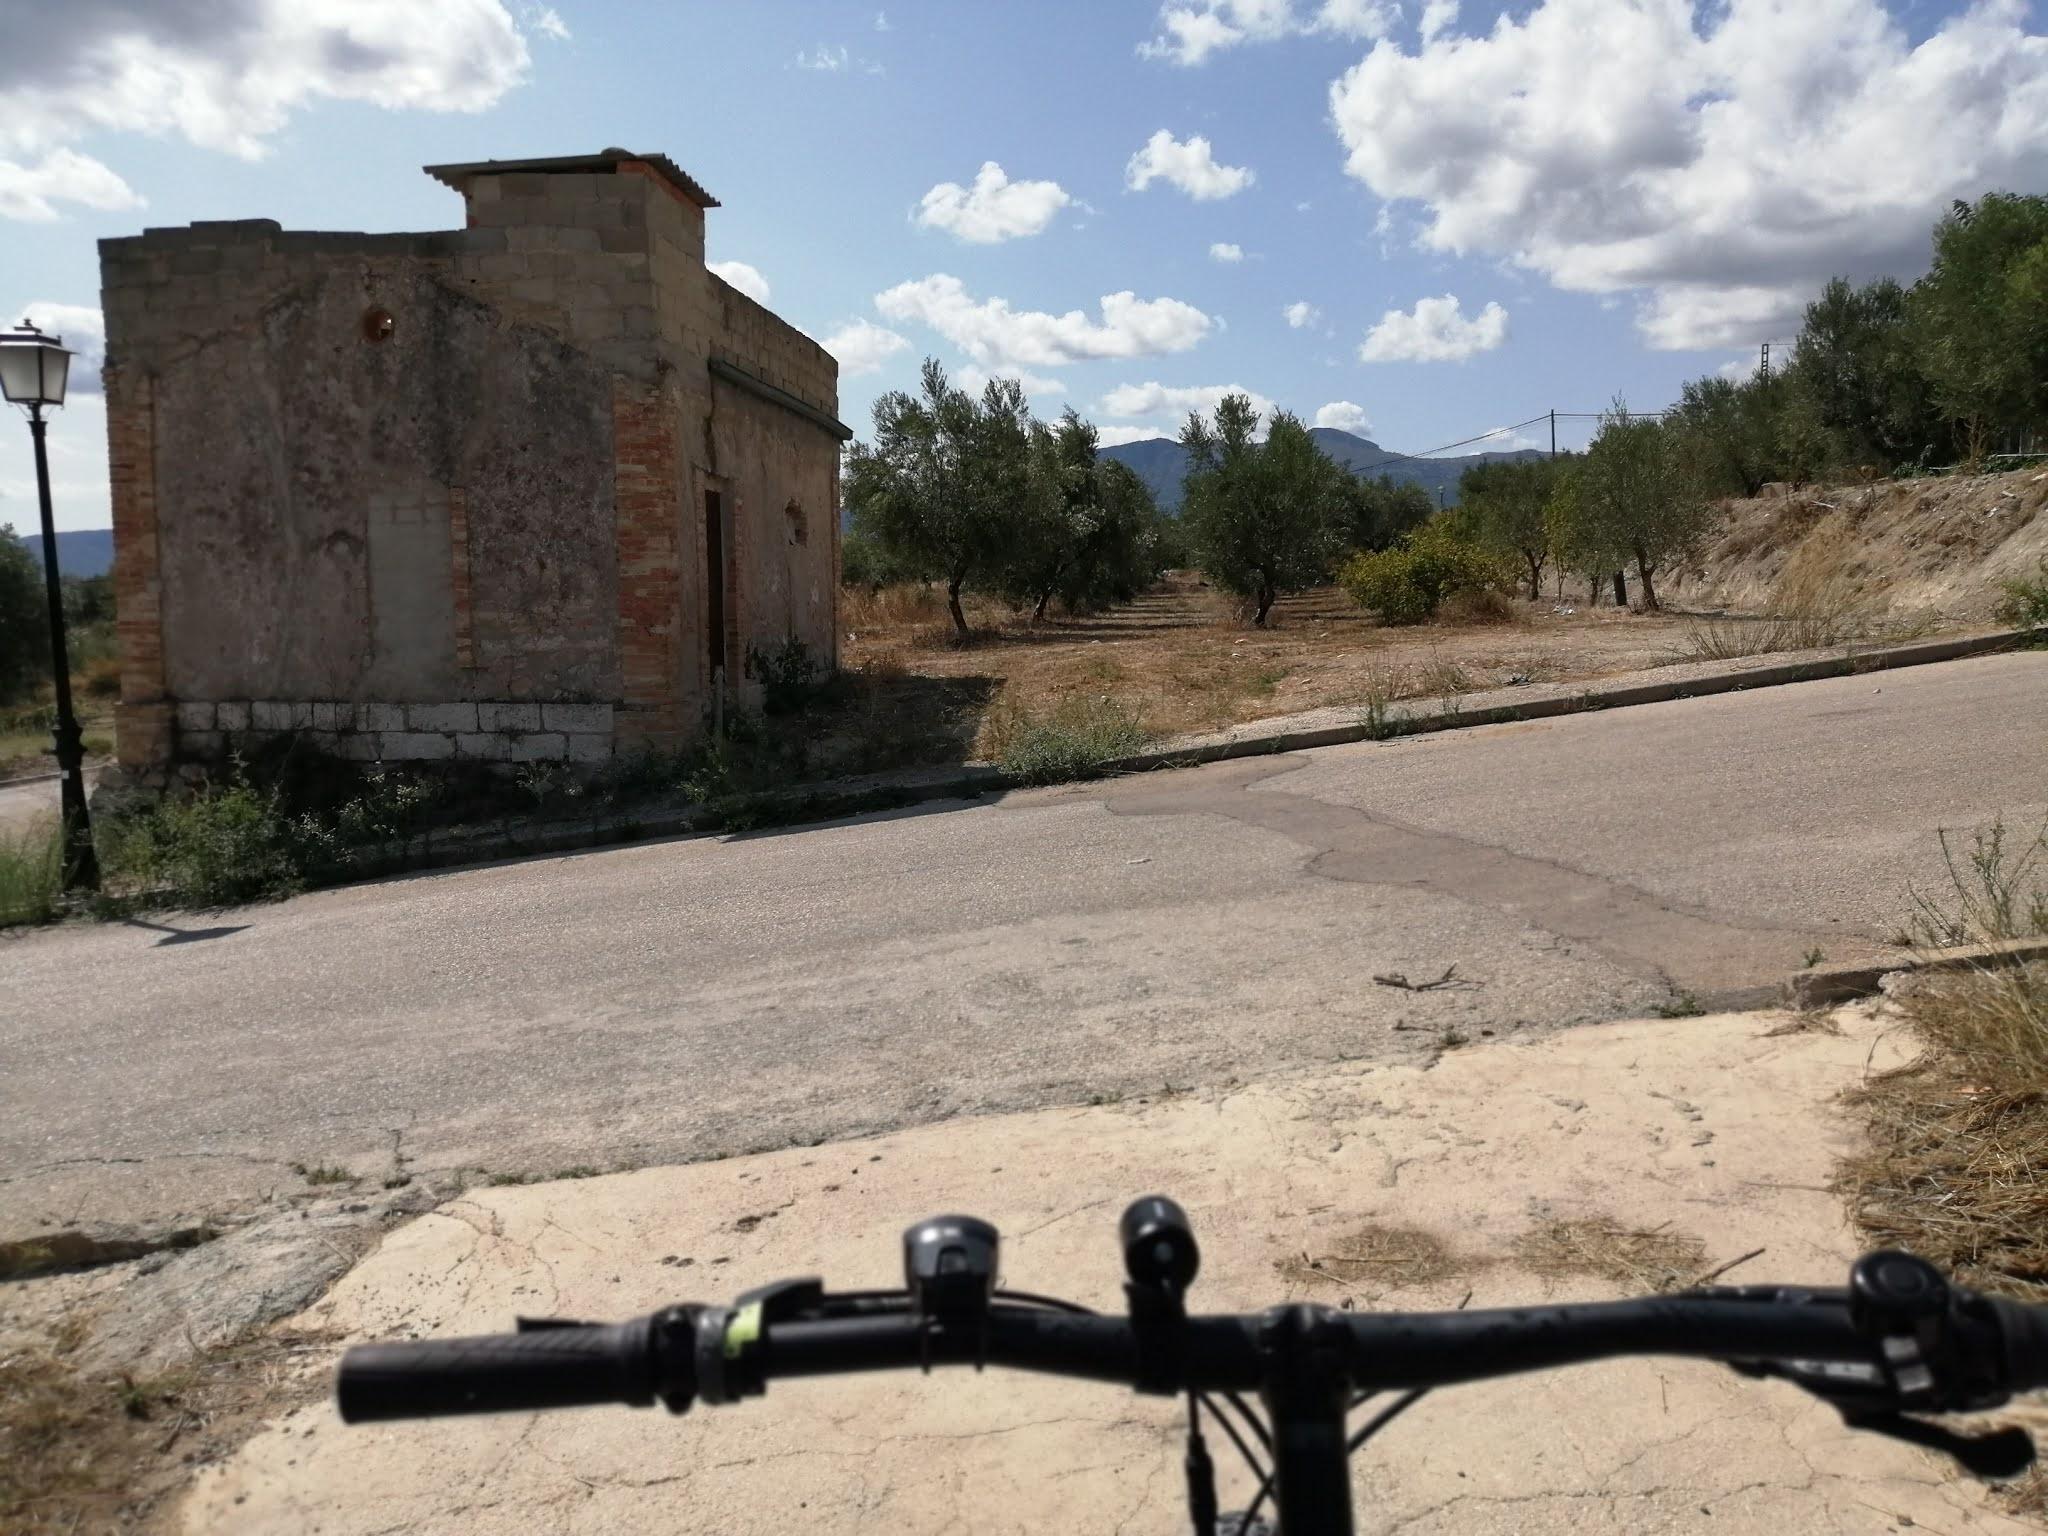 Former railway stop in Gaianes, Alicante